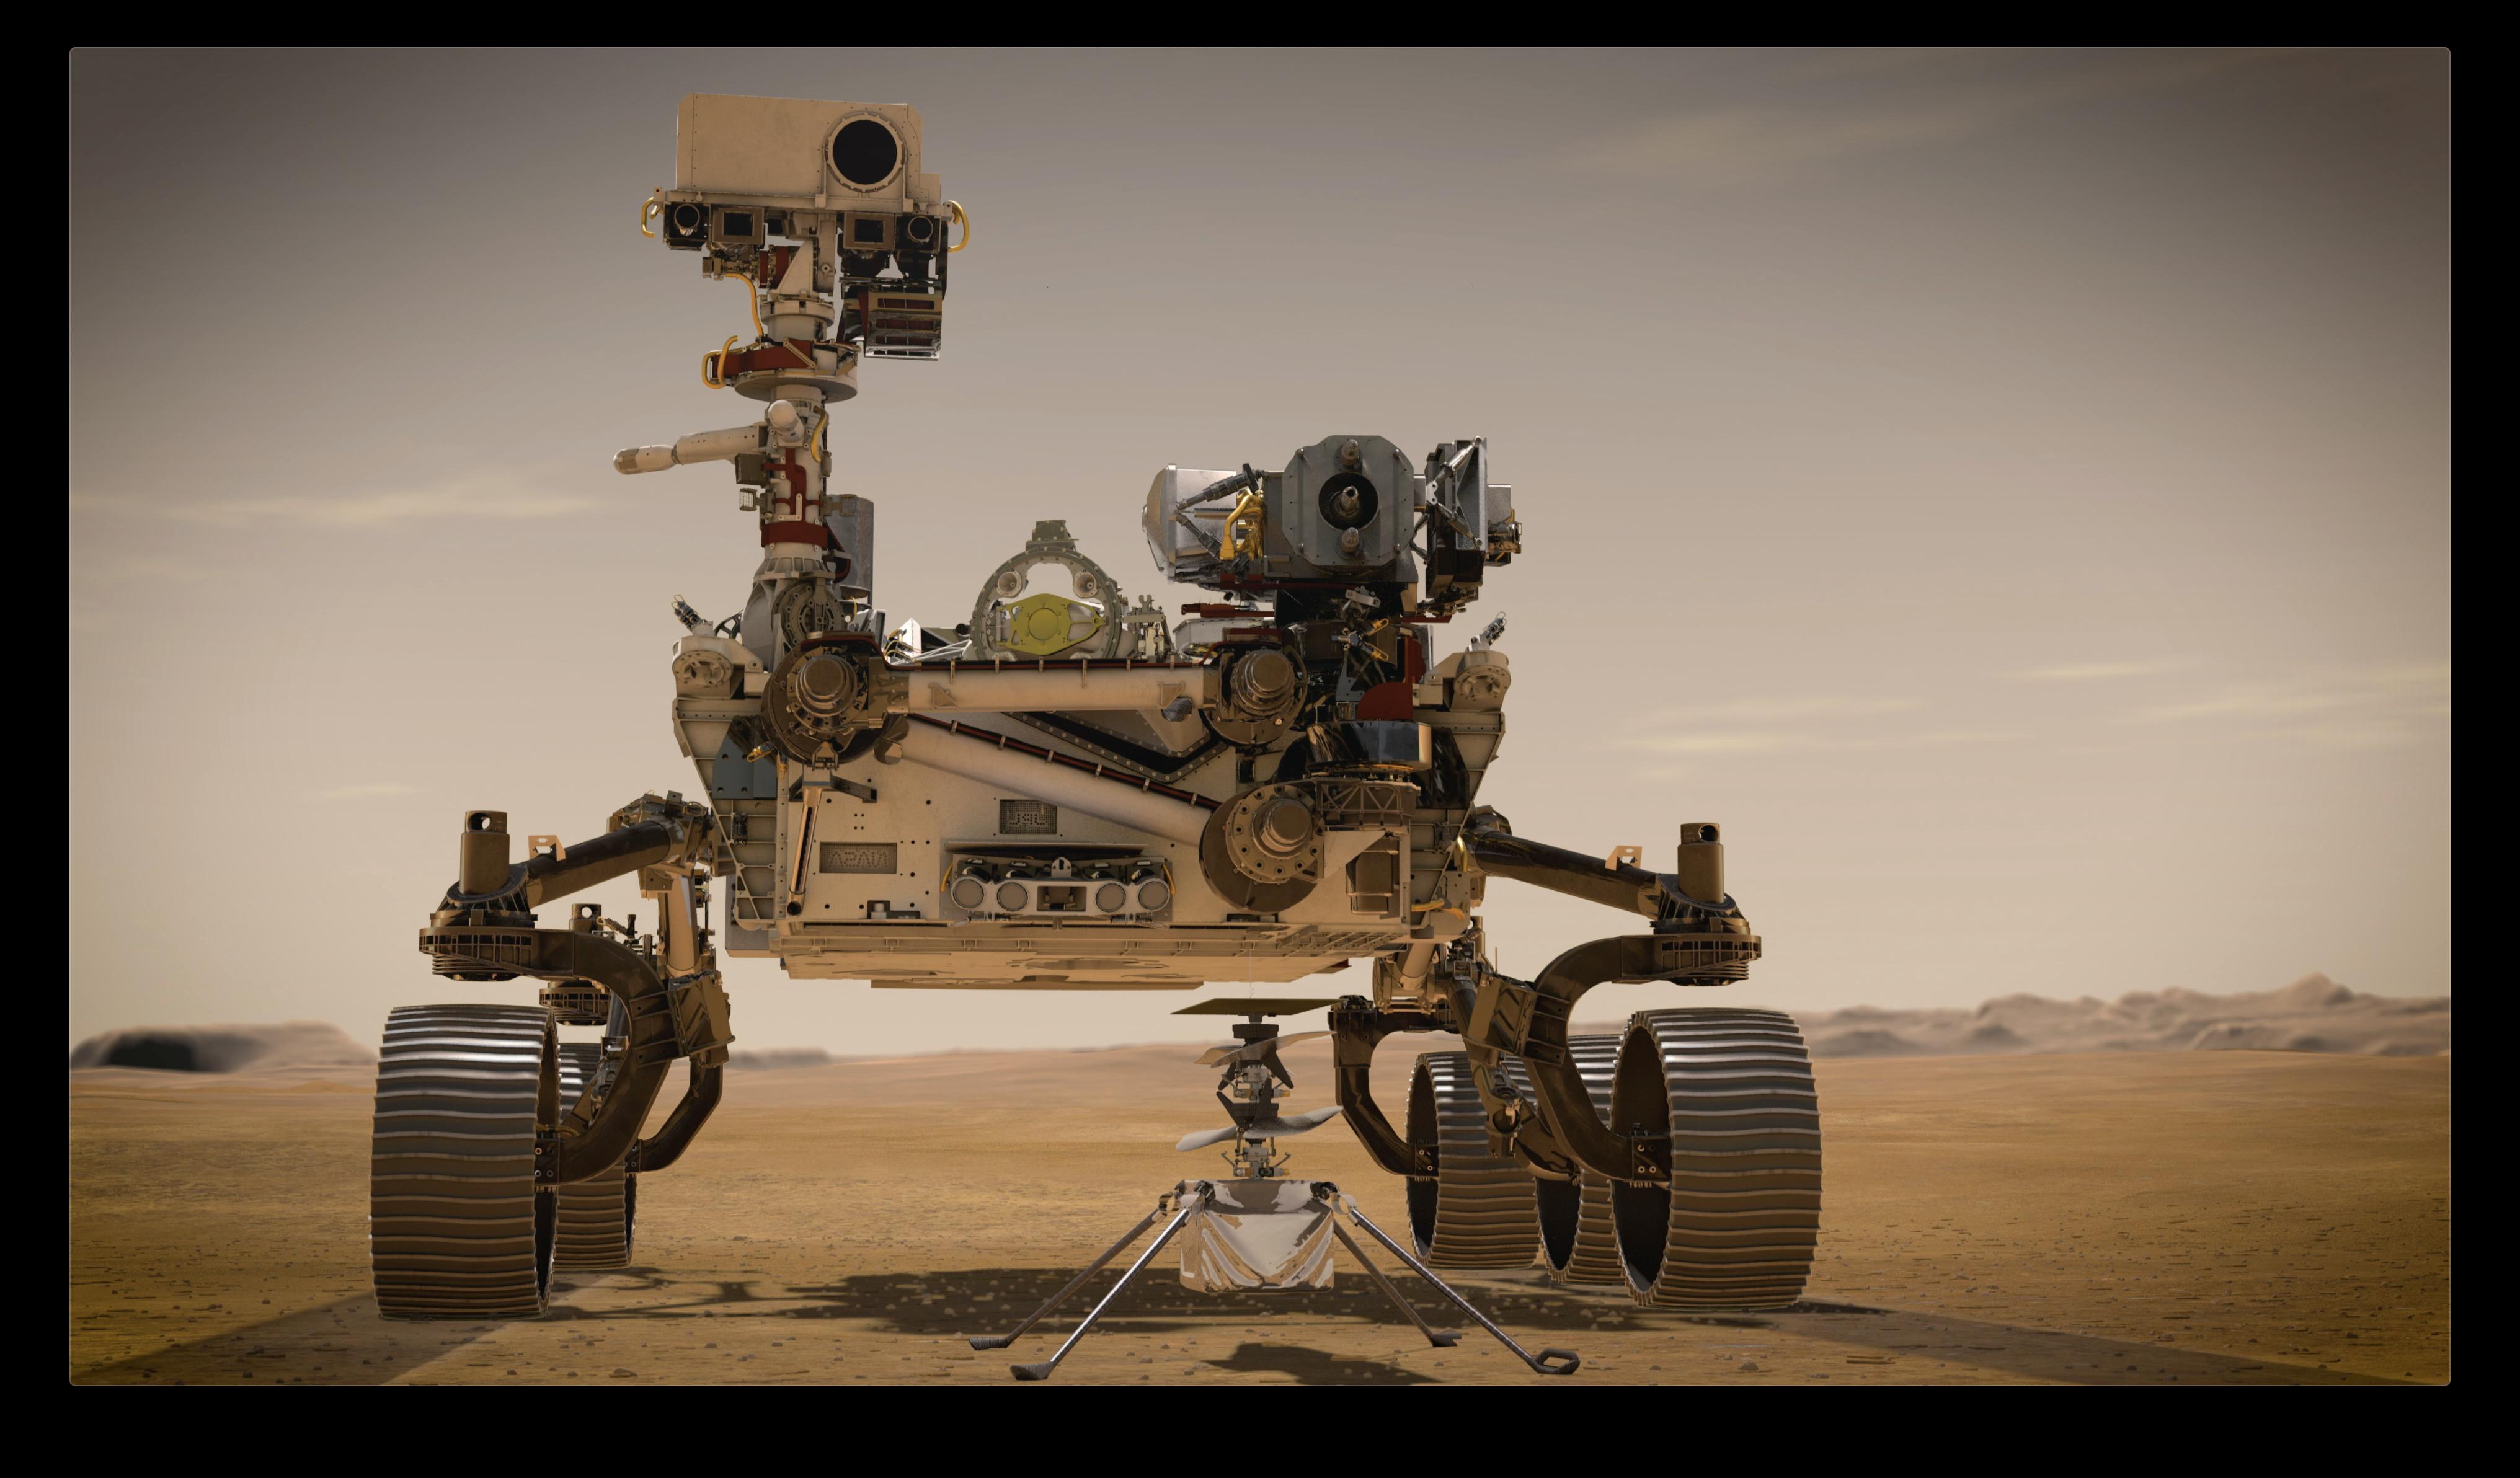 最新テクノロジー満載のNASA火星探査車、生命の痕跡を探す旅へ